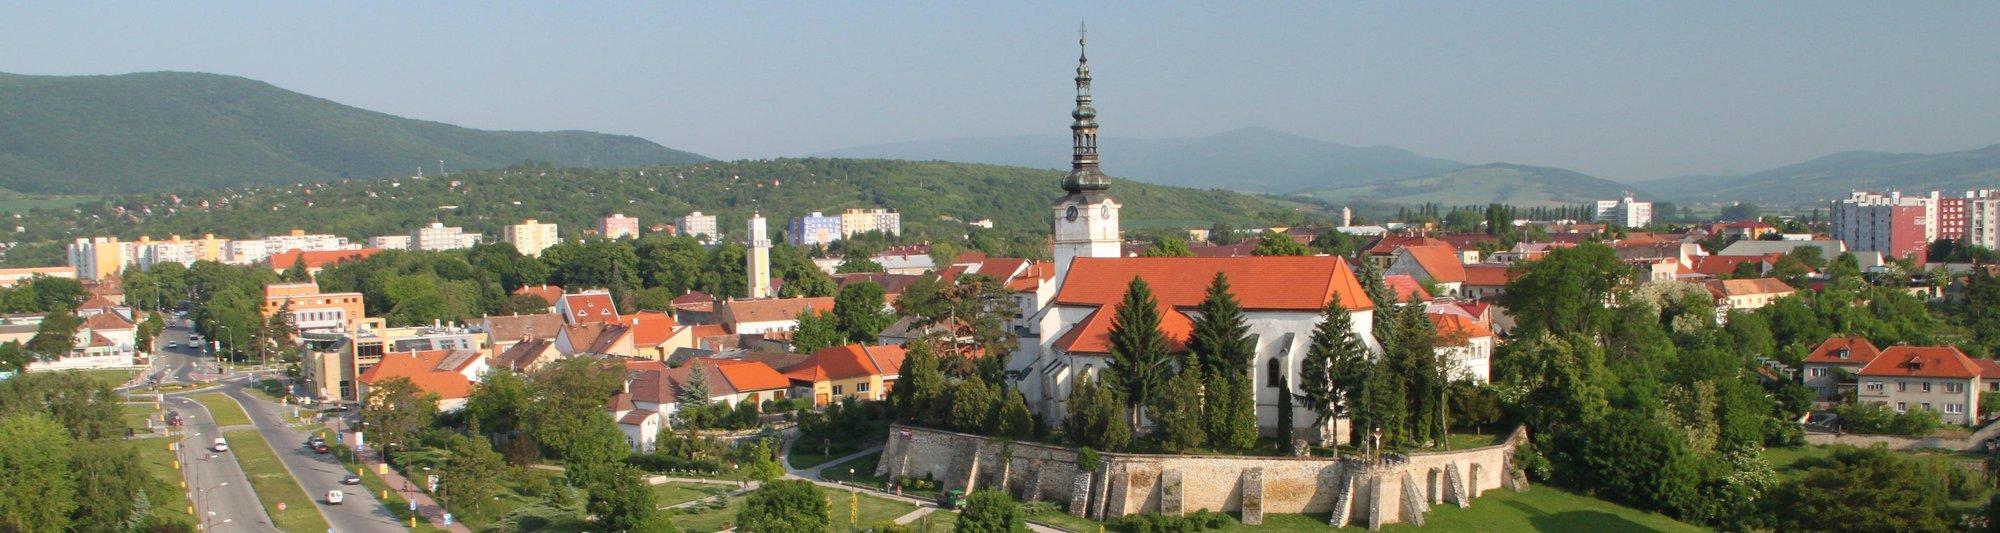 Nové Mesto nad Váhom